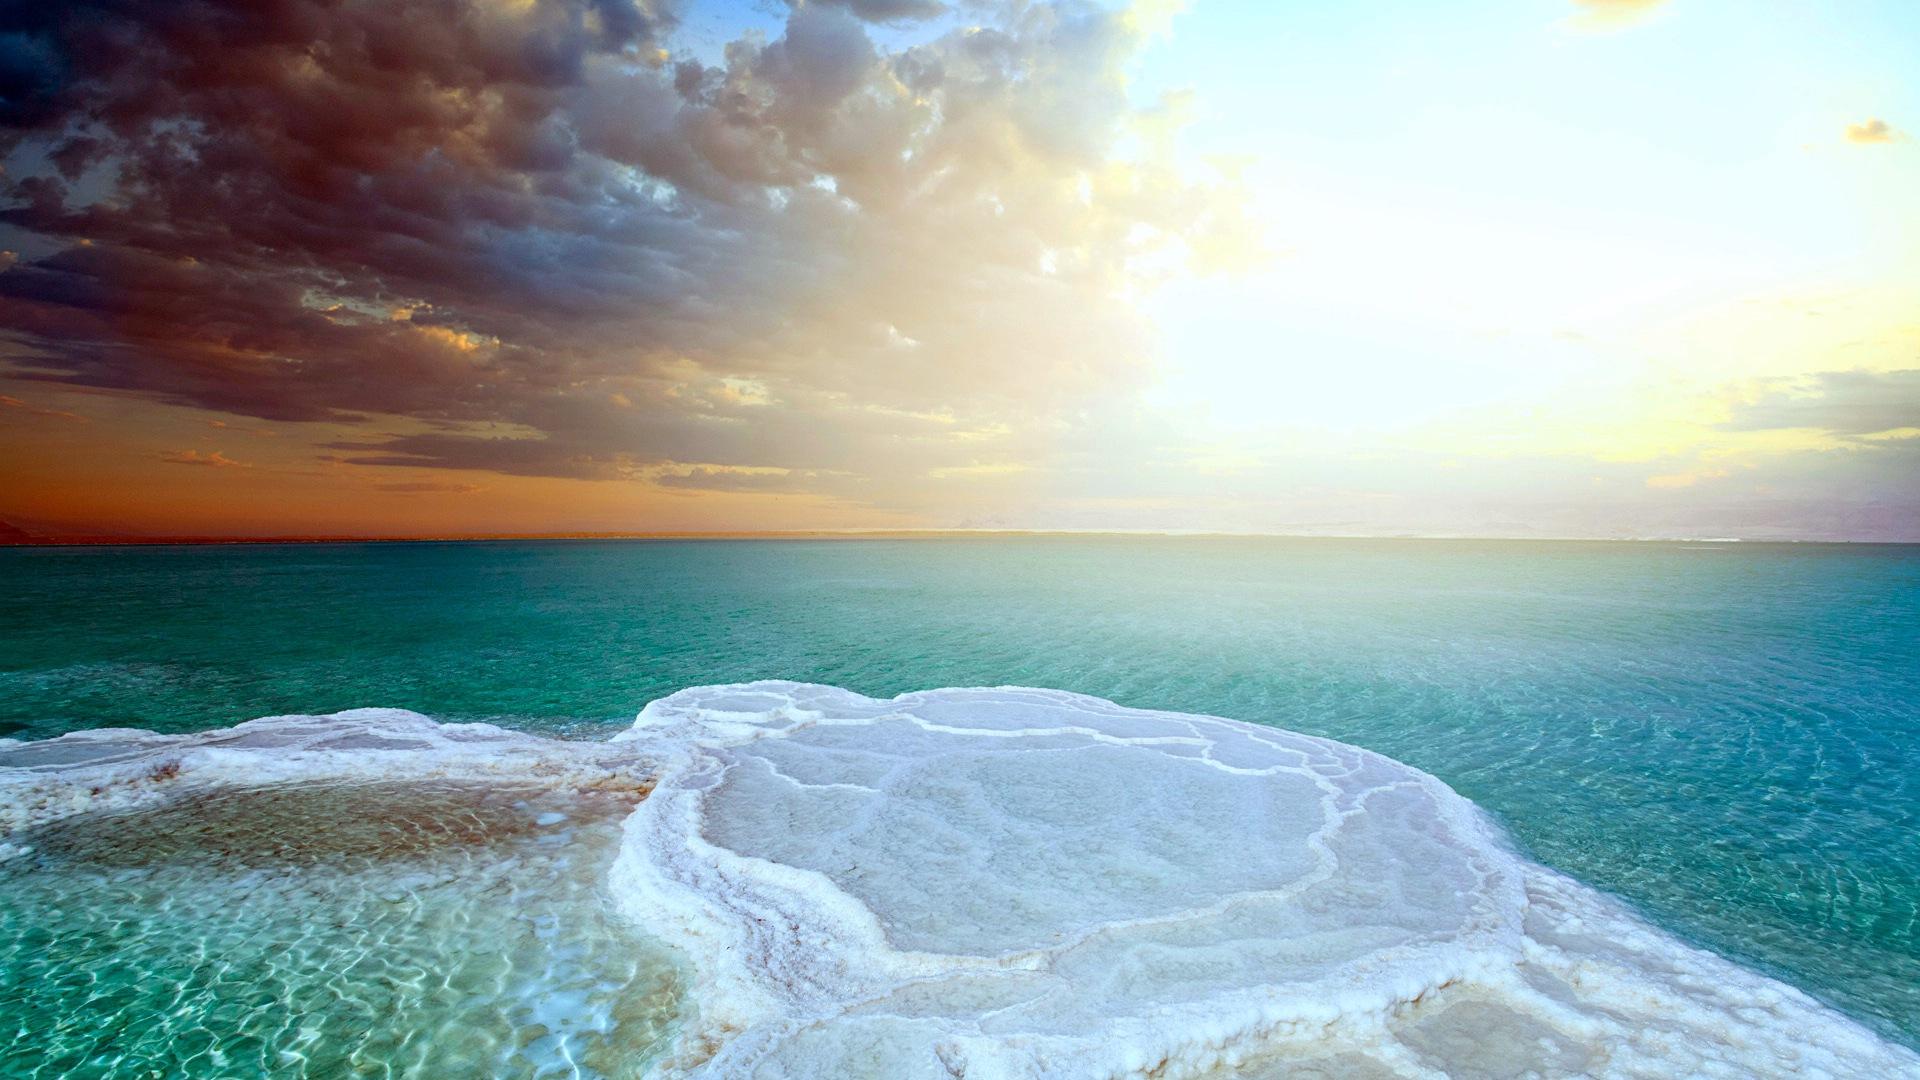 dead sea paysages magnifiques fonds d 39 cran hd 20 1920x1080 fond d 39 cran t l charger dead. Black Bedroom Furniture Sets. Home Design Ideas